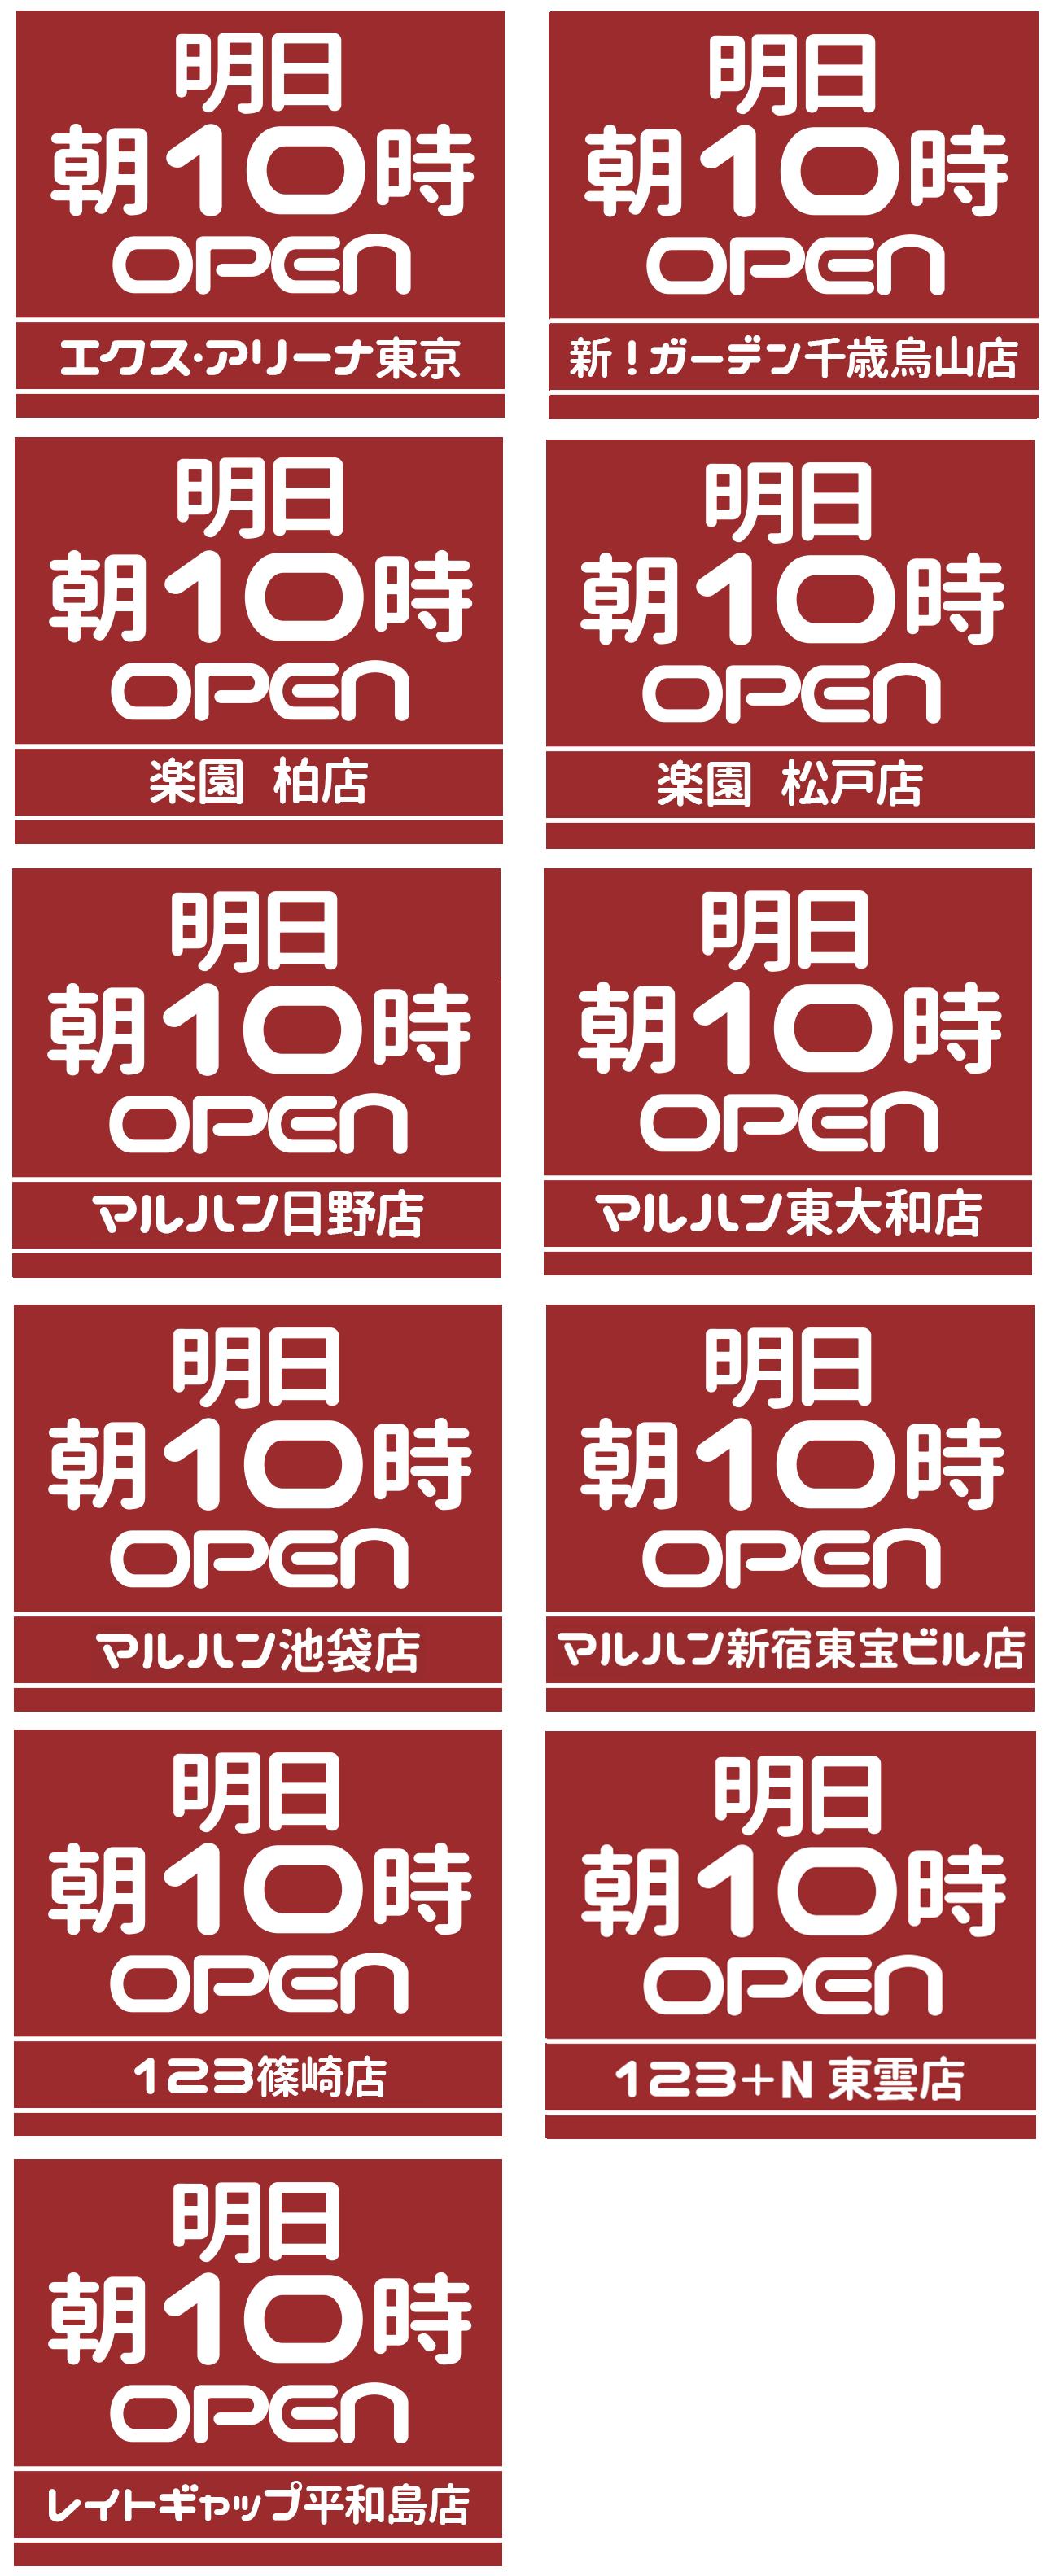 明日東京店舗一覧明日